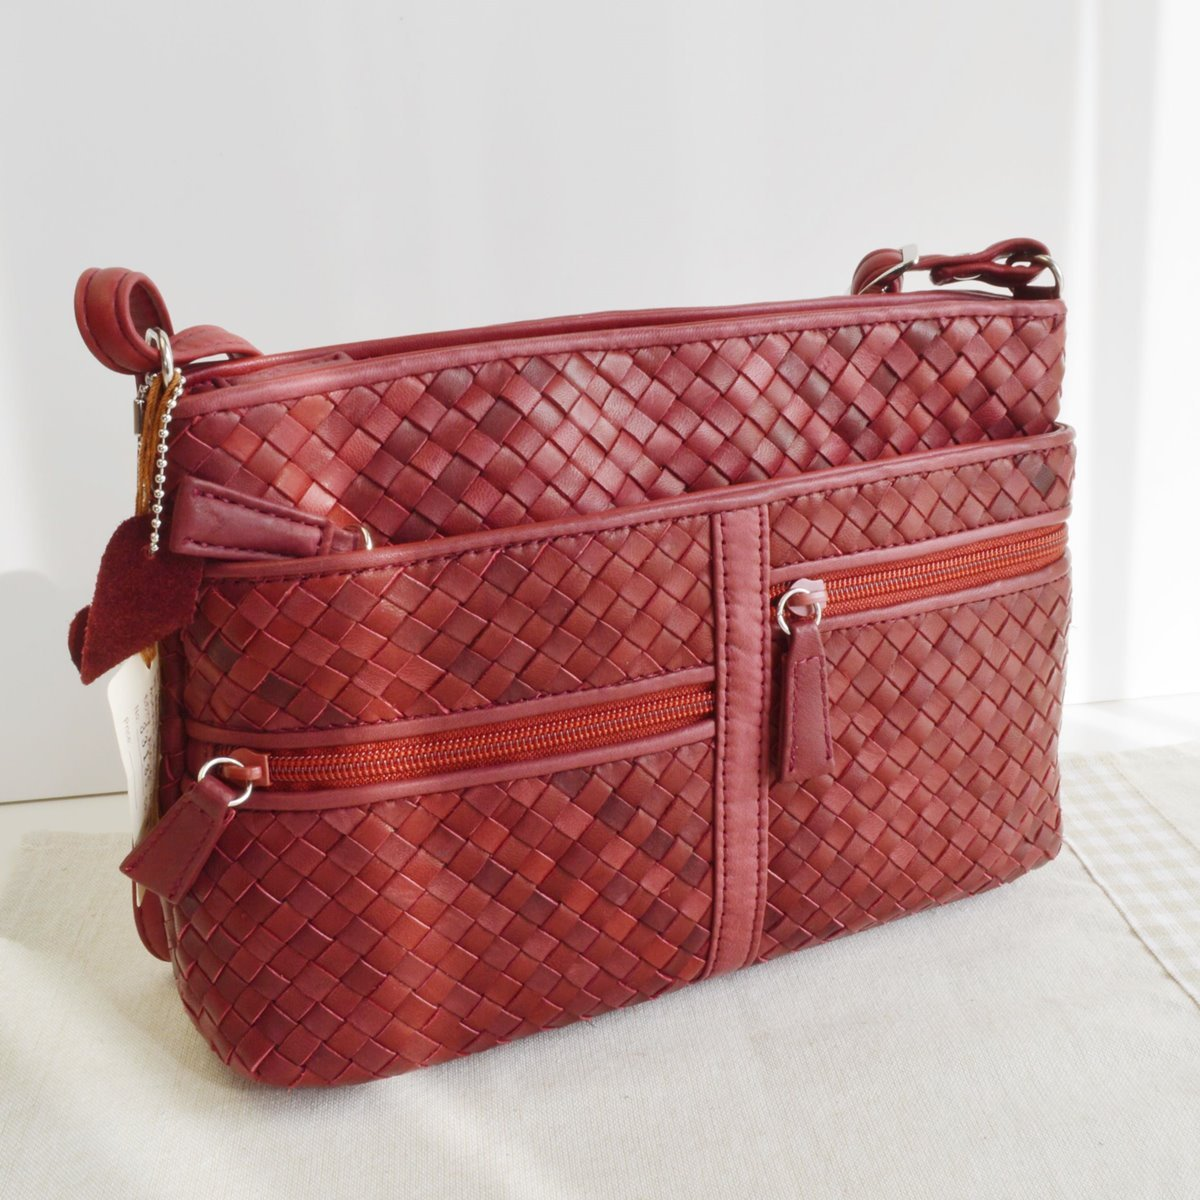 ポニーメッシュ ショルダーバッグ ワインレッド 赤 WINE ポニーレザー 本革 馬革鞄 かばん No.33135 メンズバッグ レディースバッグ bag 日本製馬革 B06X3XX9MY